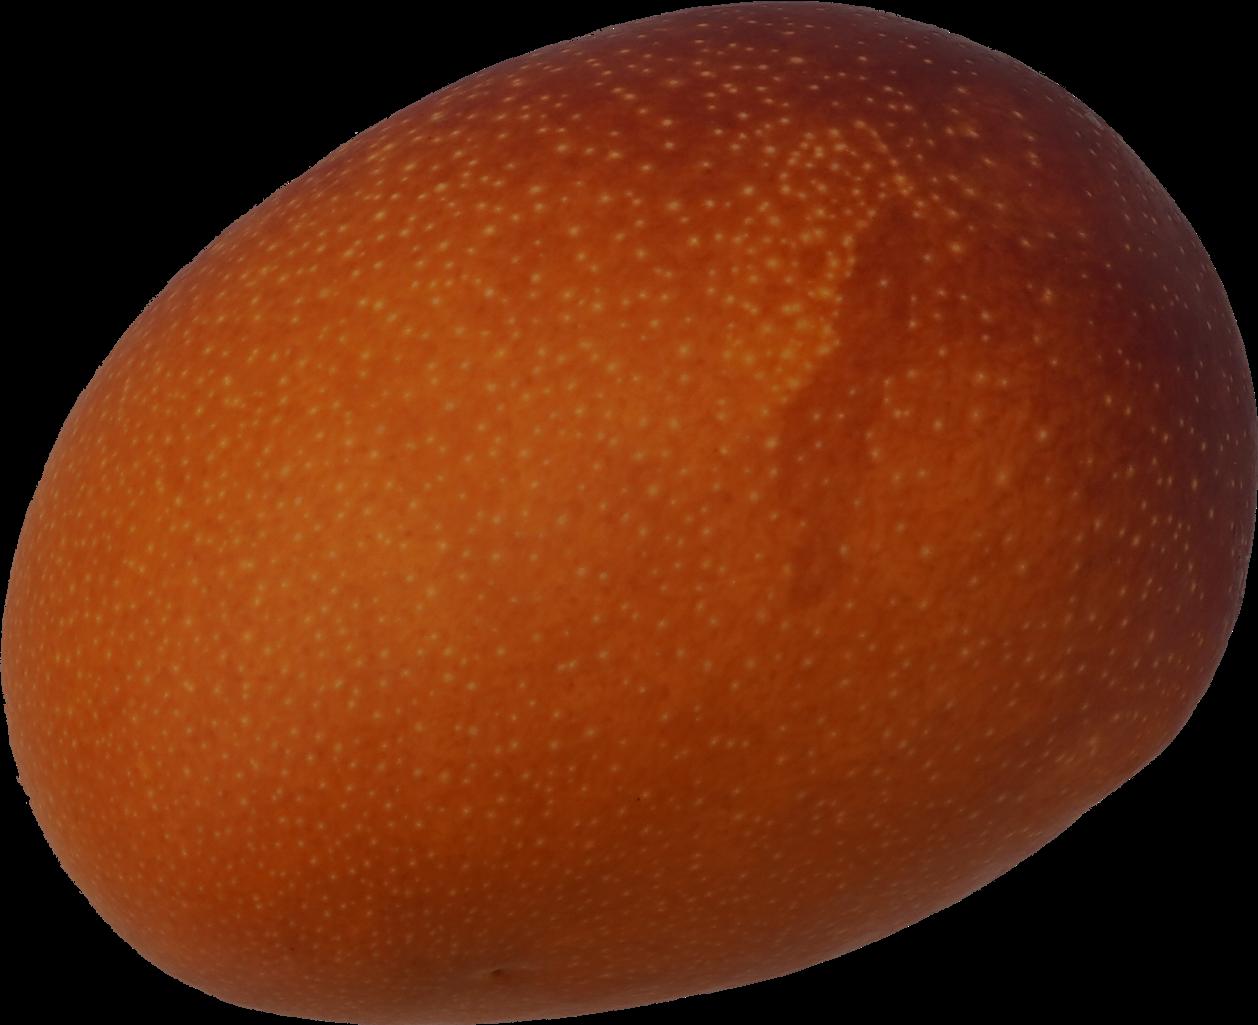 マンゴー 商用可フリー画像・背景透過